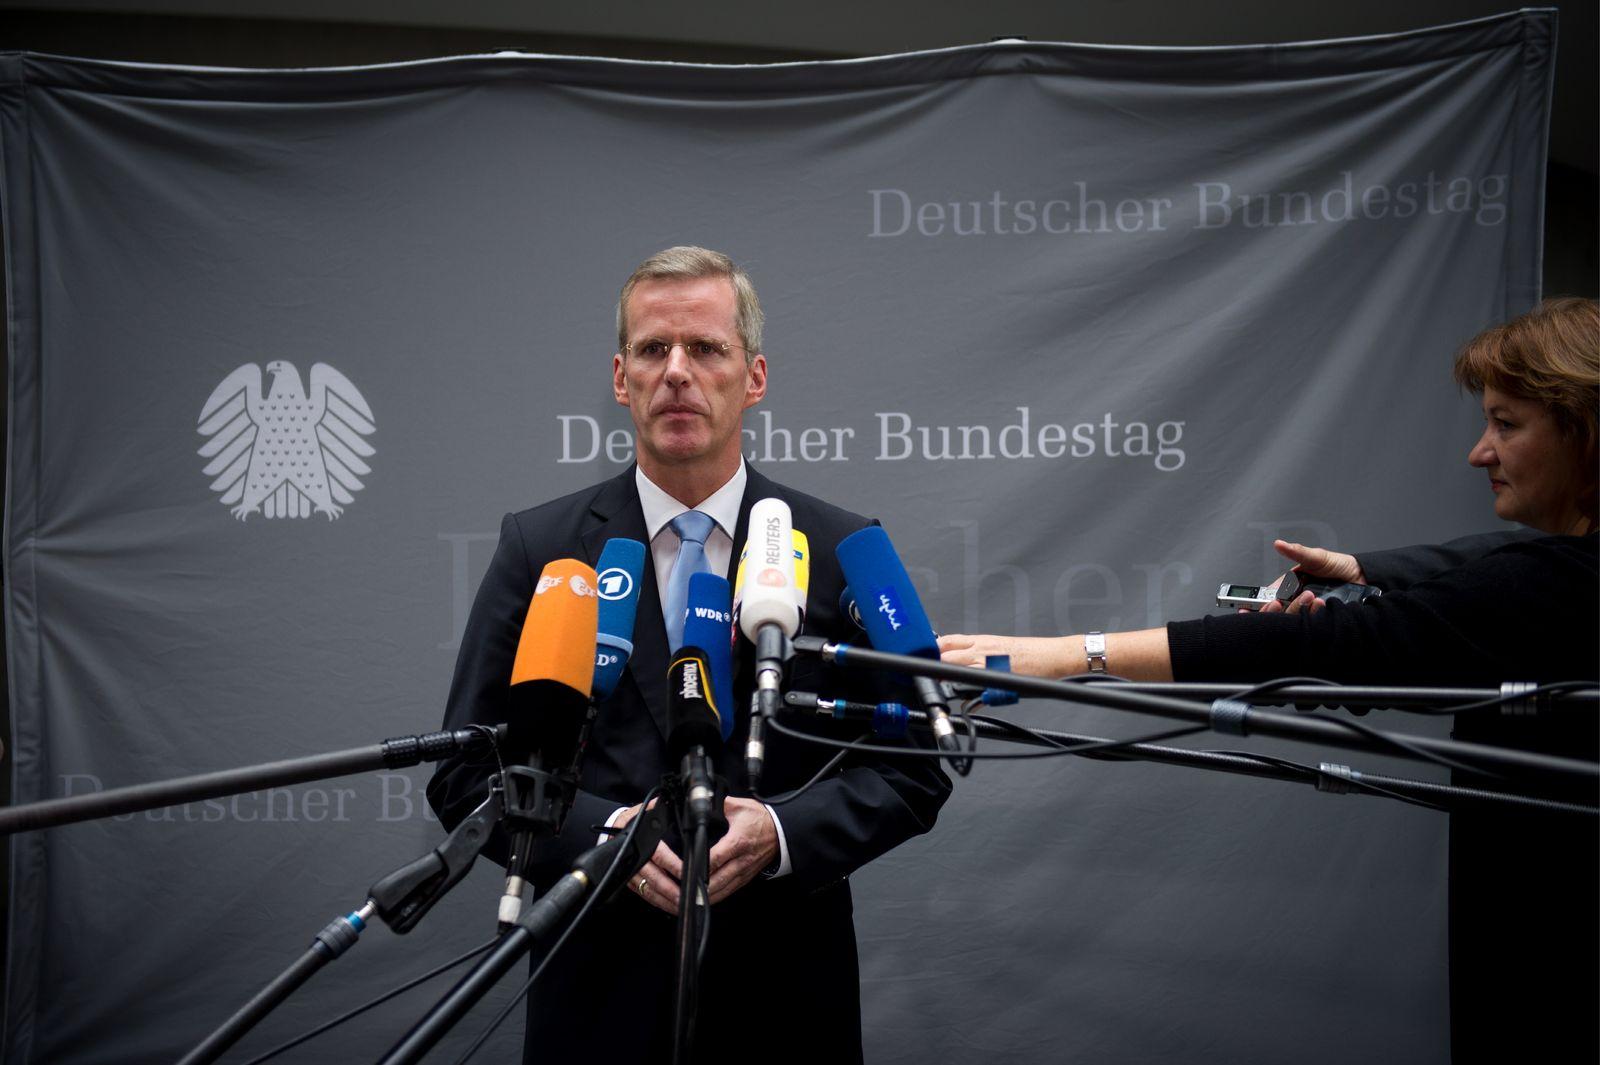 NICHT VERWENDEN NSU/ Untersuchungsausschuss/ Clemens Binninger/